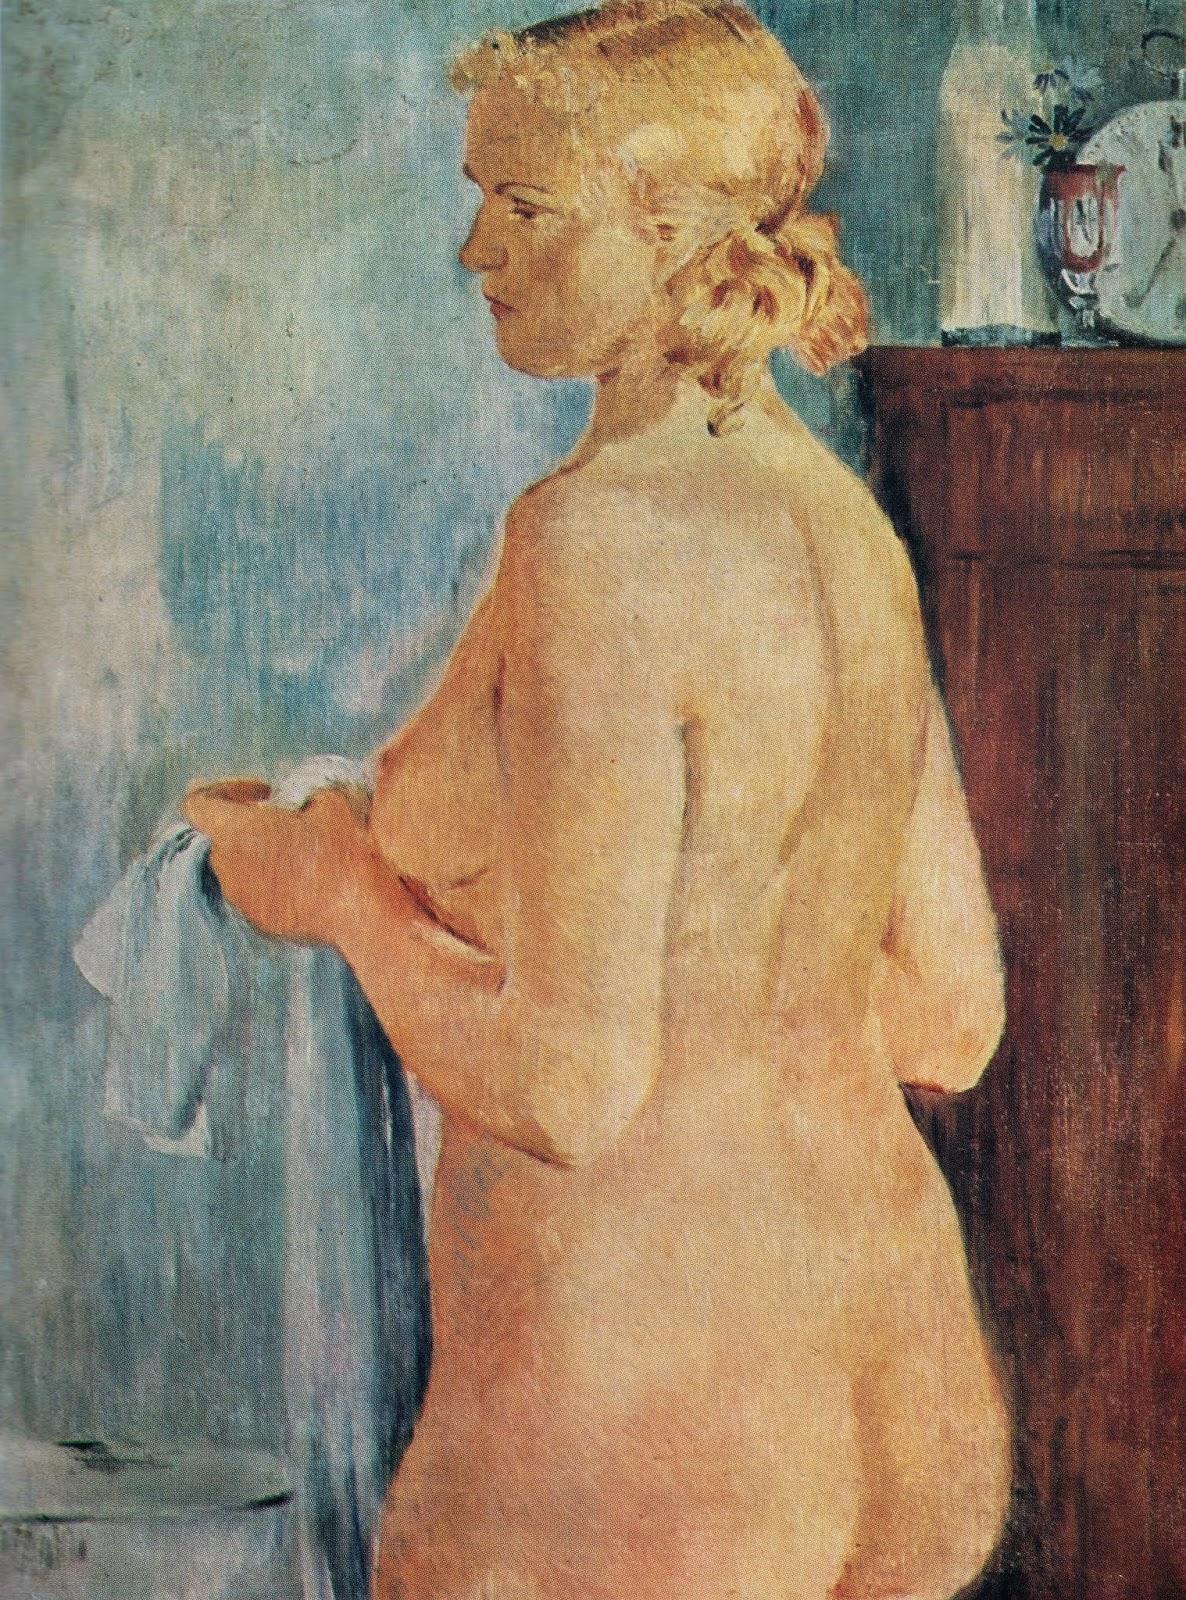 Golden Nude, 1932